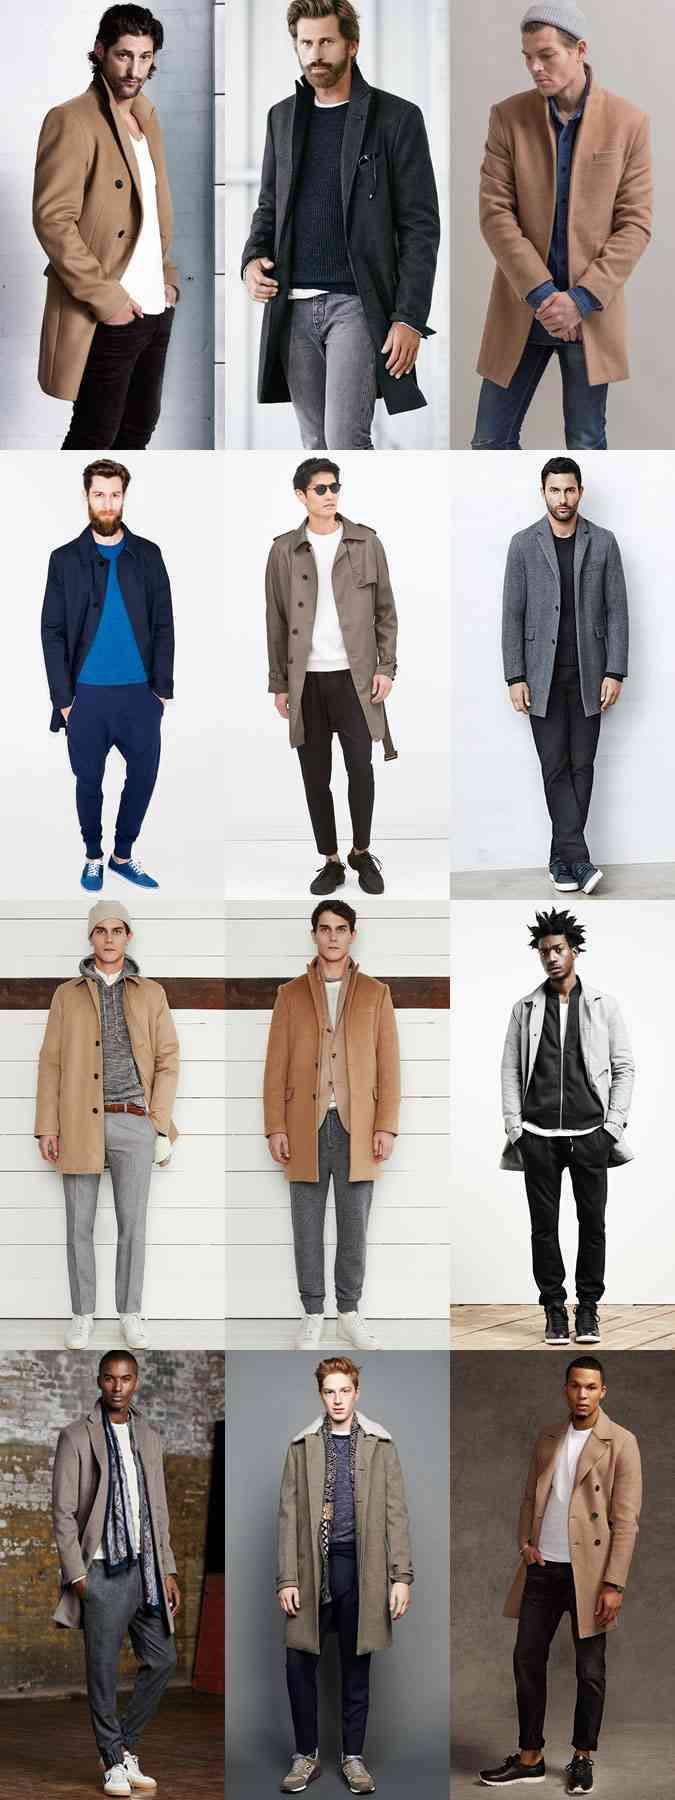 5 haina eleganta blugi